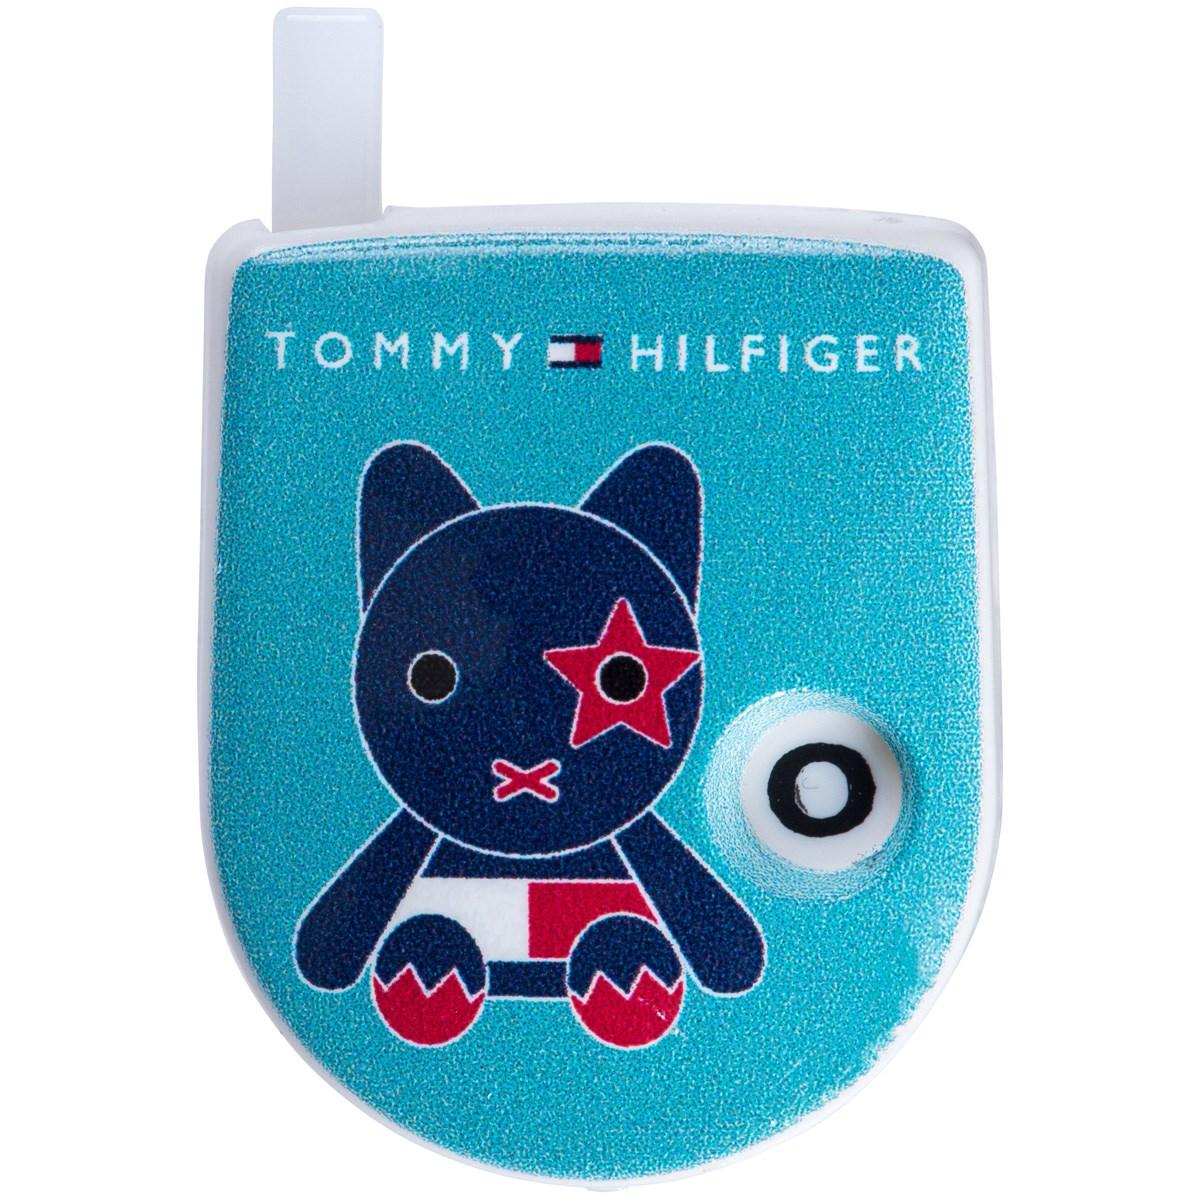 トミー ヒルフィガー ゴルフ TOMMY HILFIGER GOLF MASCOT カウンター グリーン 60